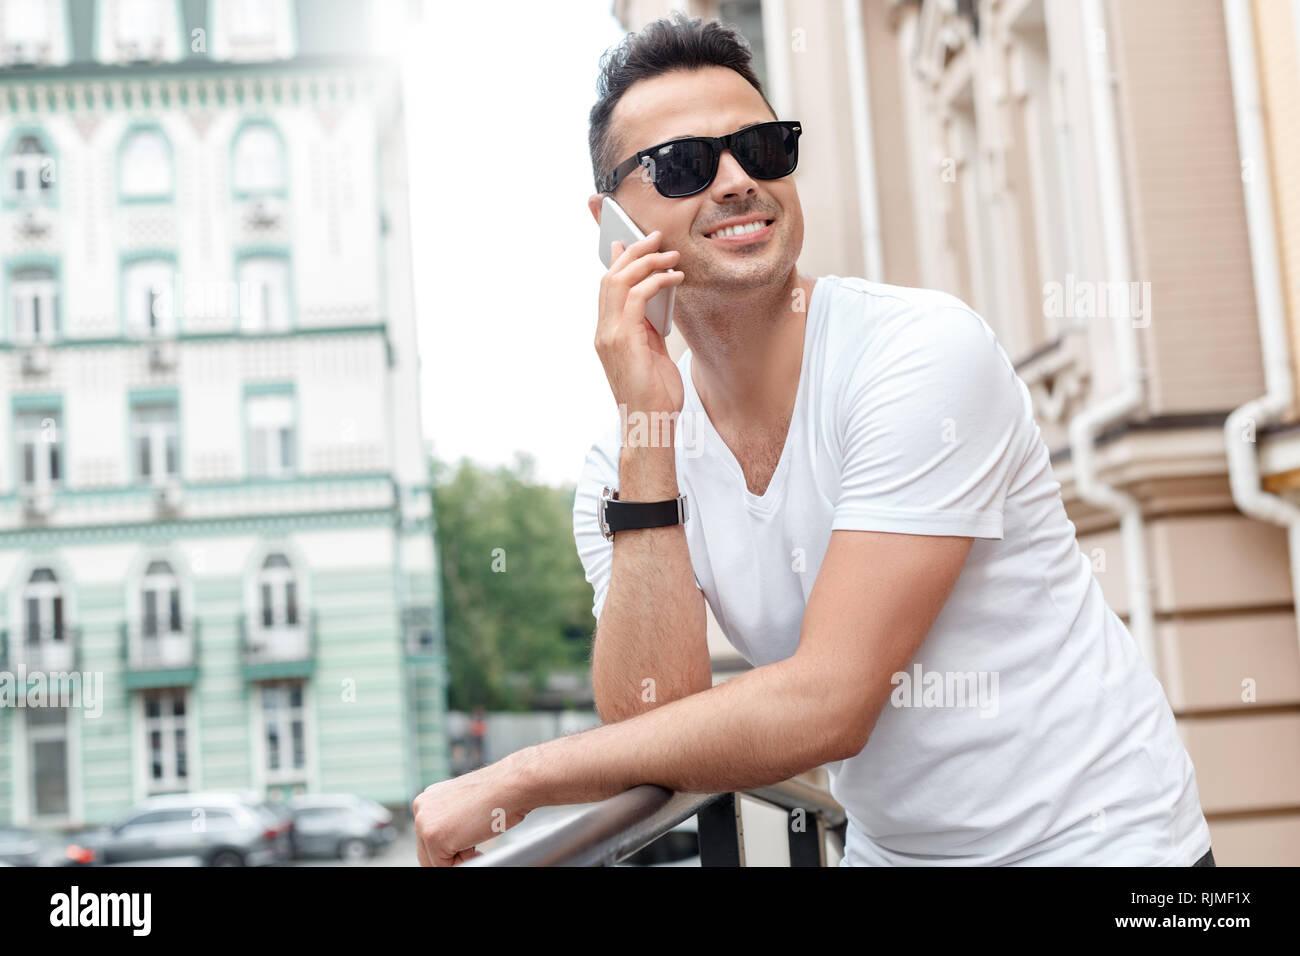 b56bad9f65 Happy Businessman Answering Smartphone Imágenes De Stock & Happy ...